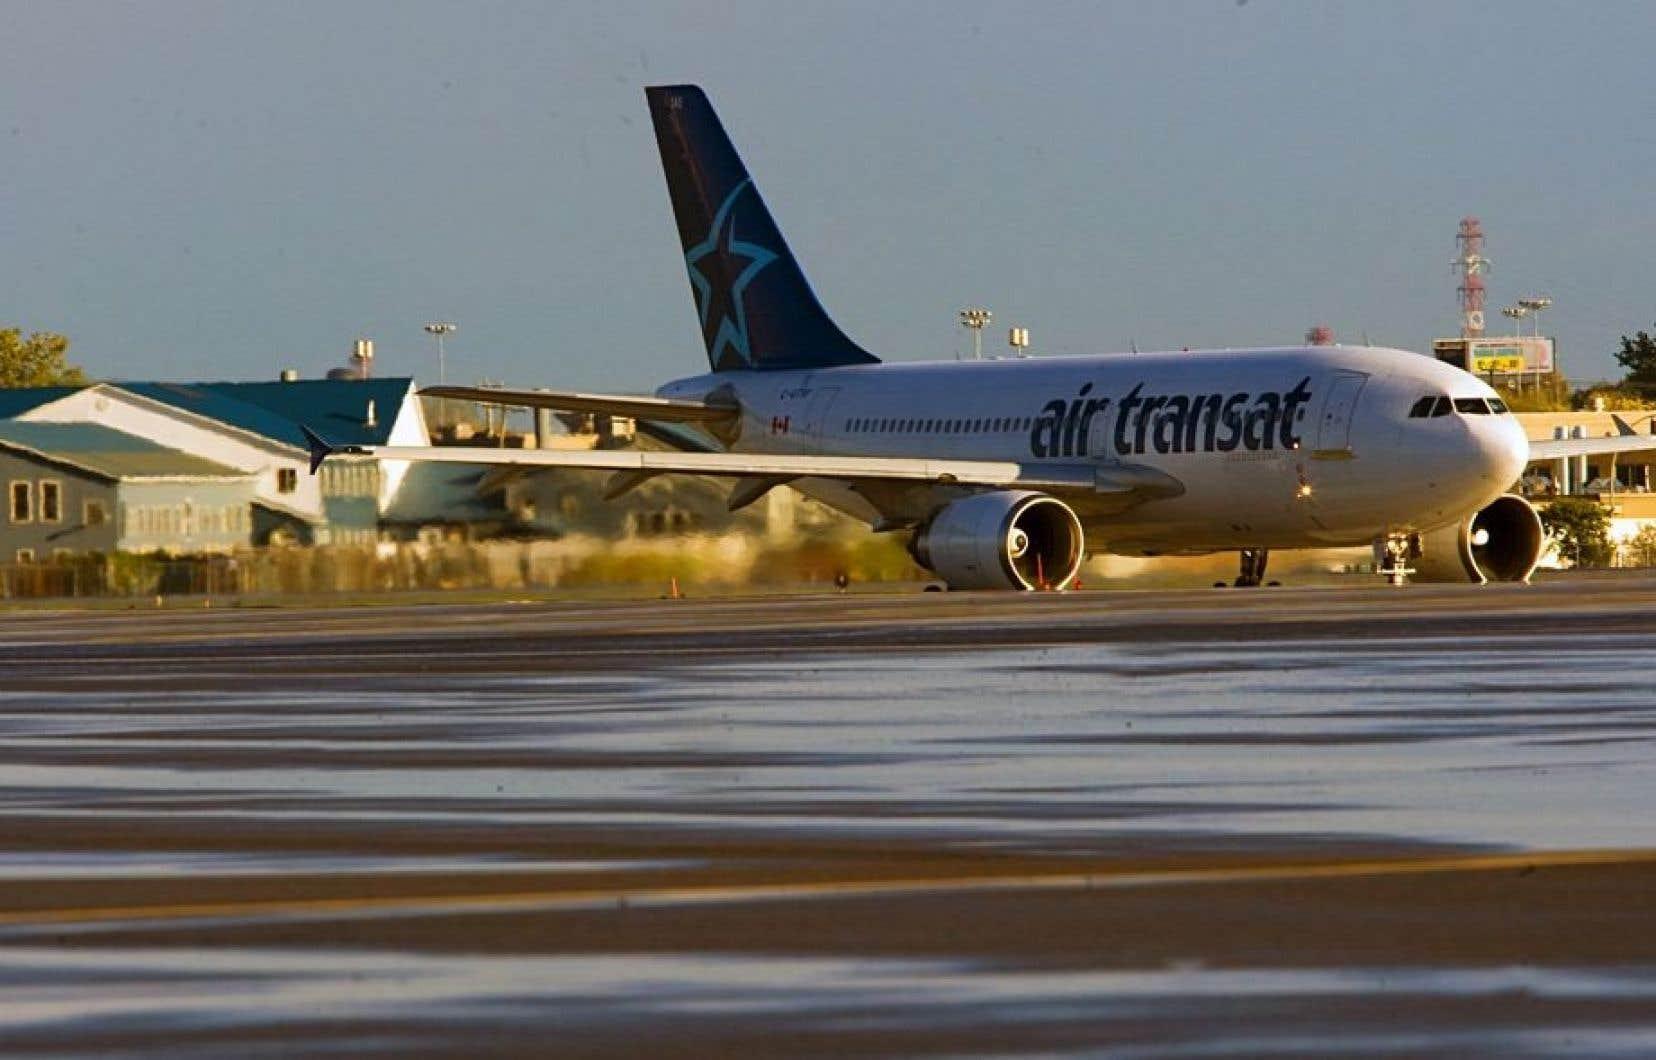 L'année 2012, qui vient de se terminer, a révélé le voyagiste Transat mercredi, se solde par une perte de 16,7 millions, mais les trois derniers mois ont été positifs, générant un profit de 16,6 millions.